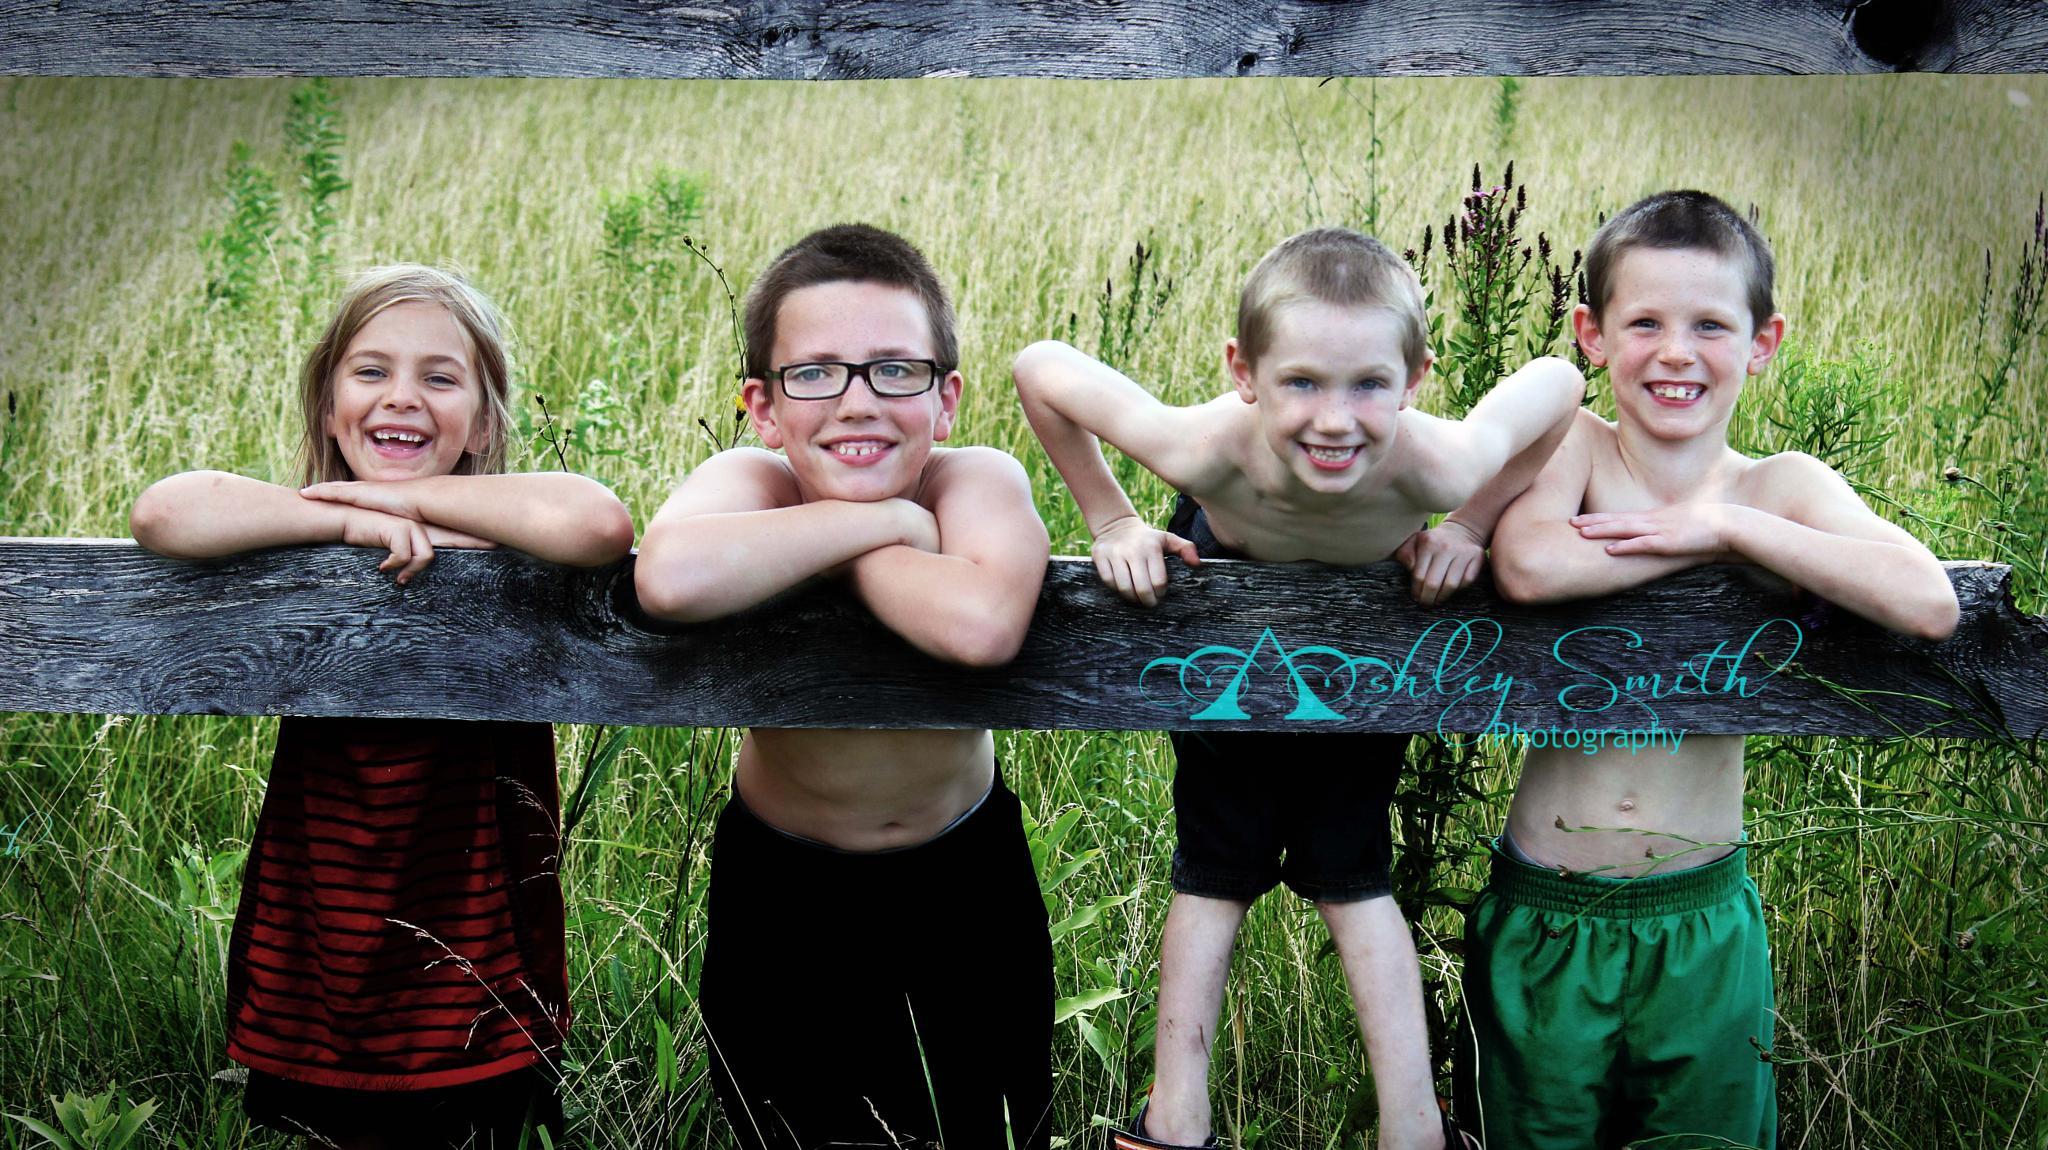 Summer Fence Fun by Ashley Smith